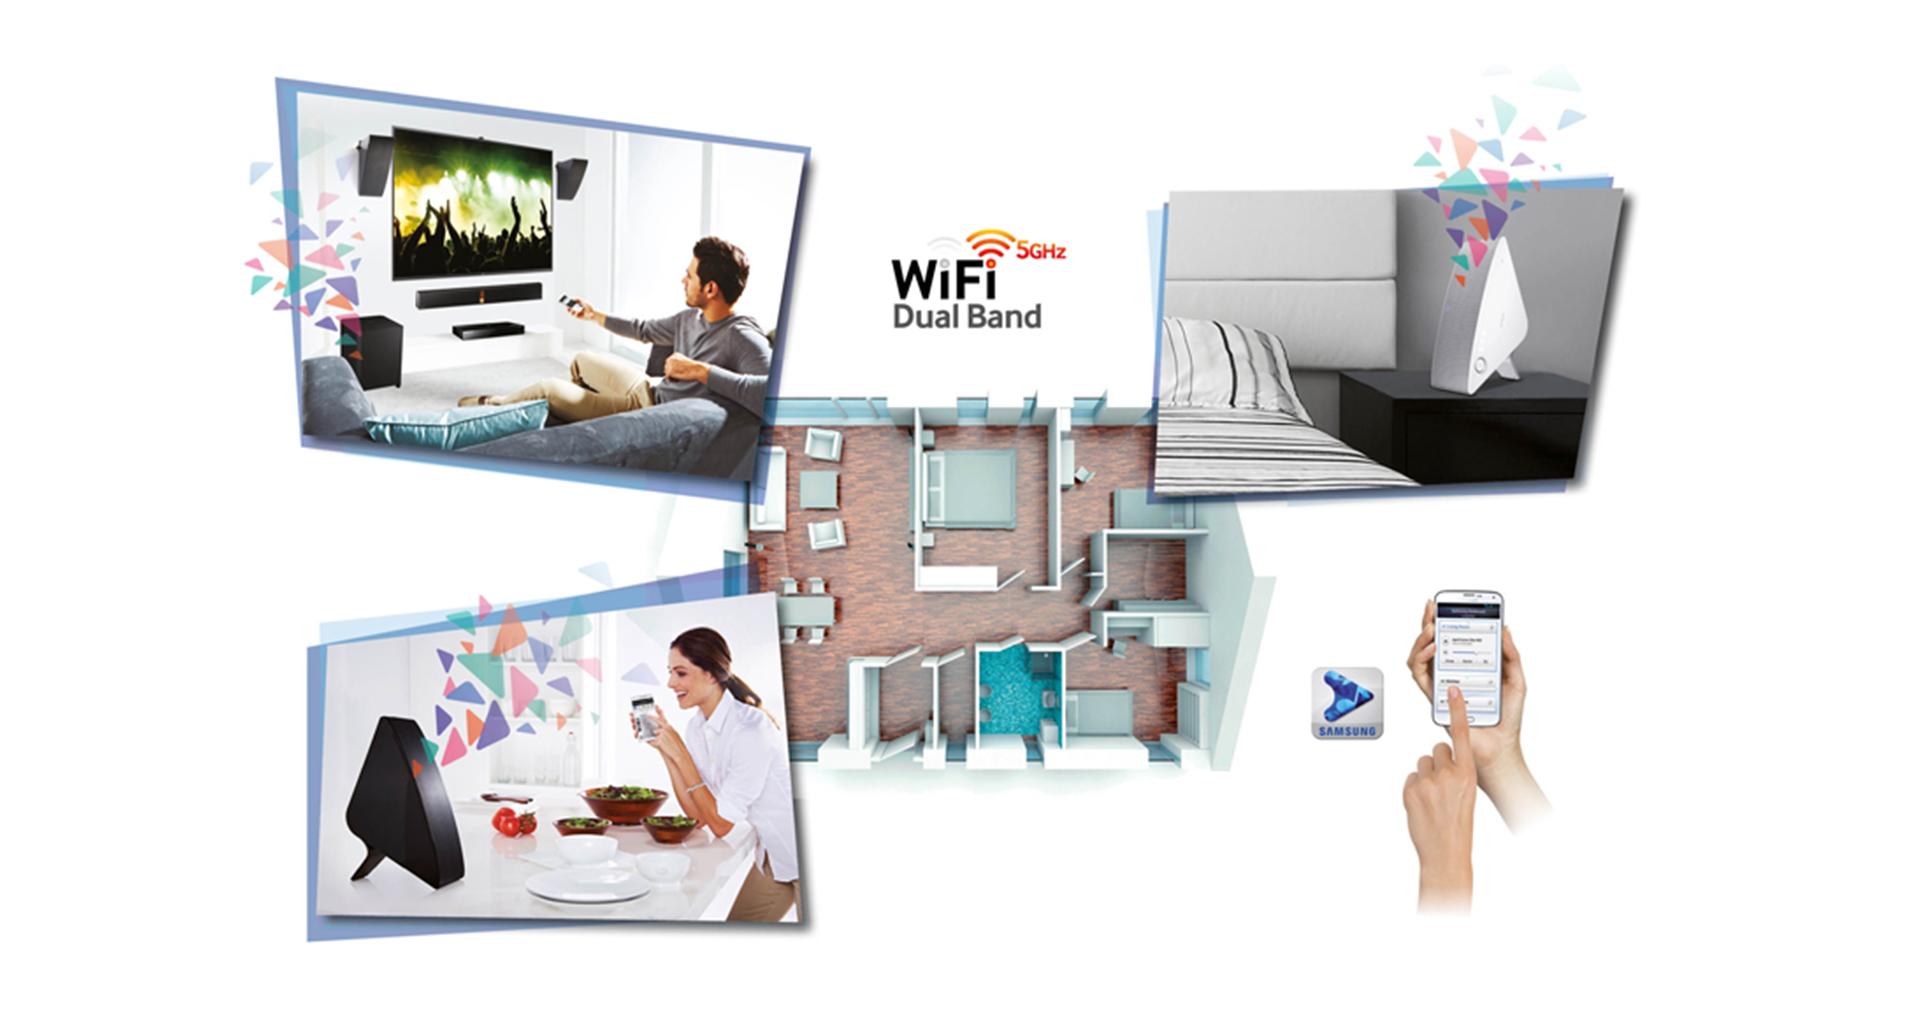 amplificazione e diffusione audio e video multi-room